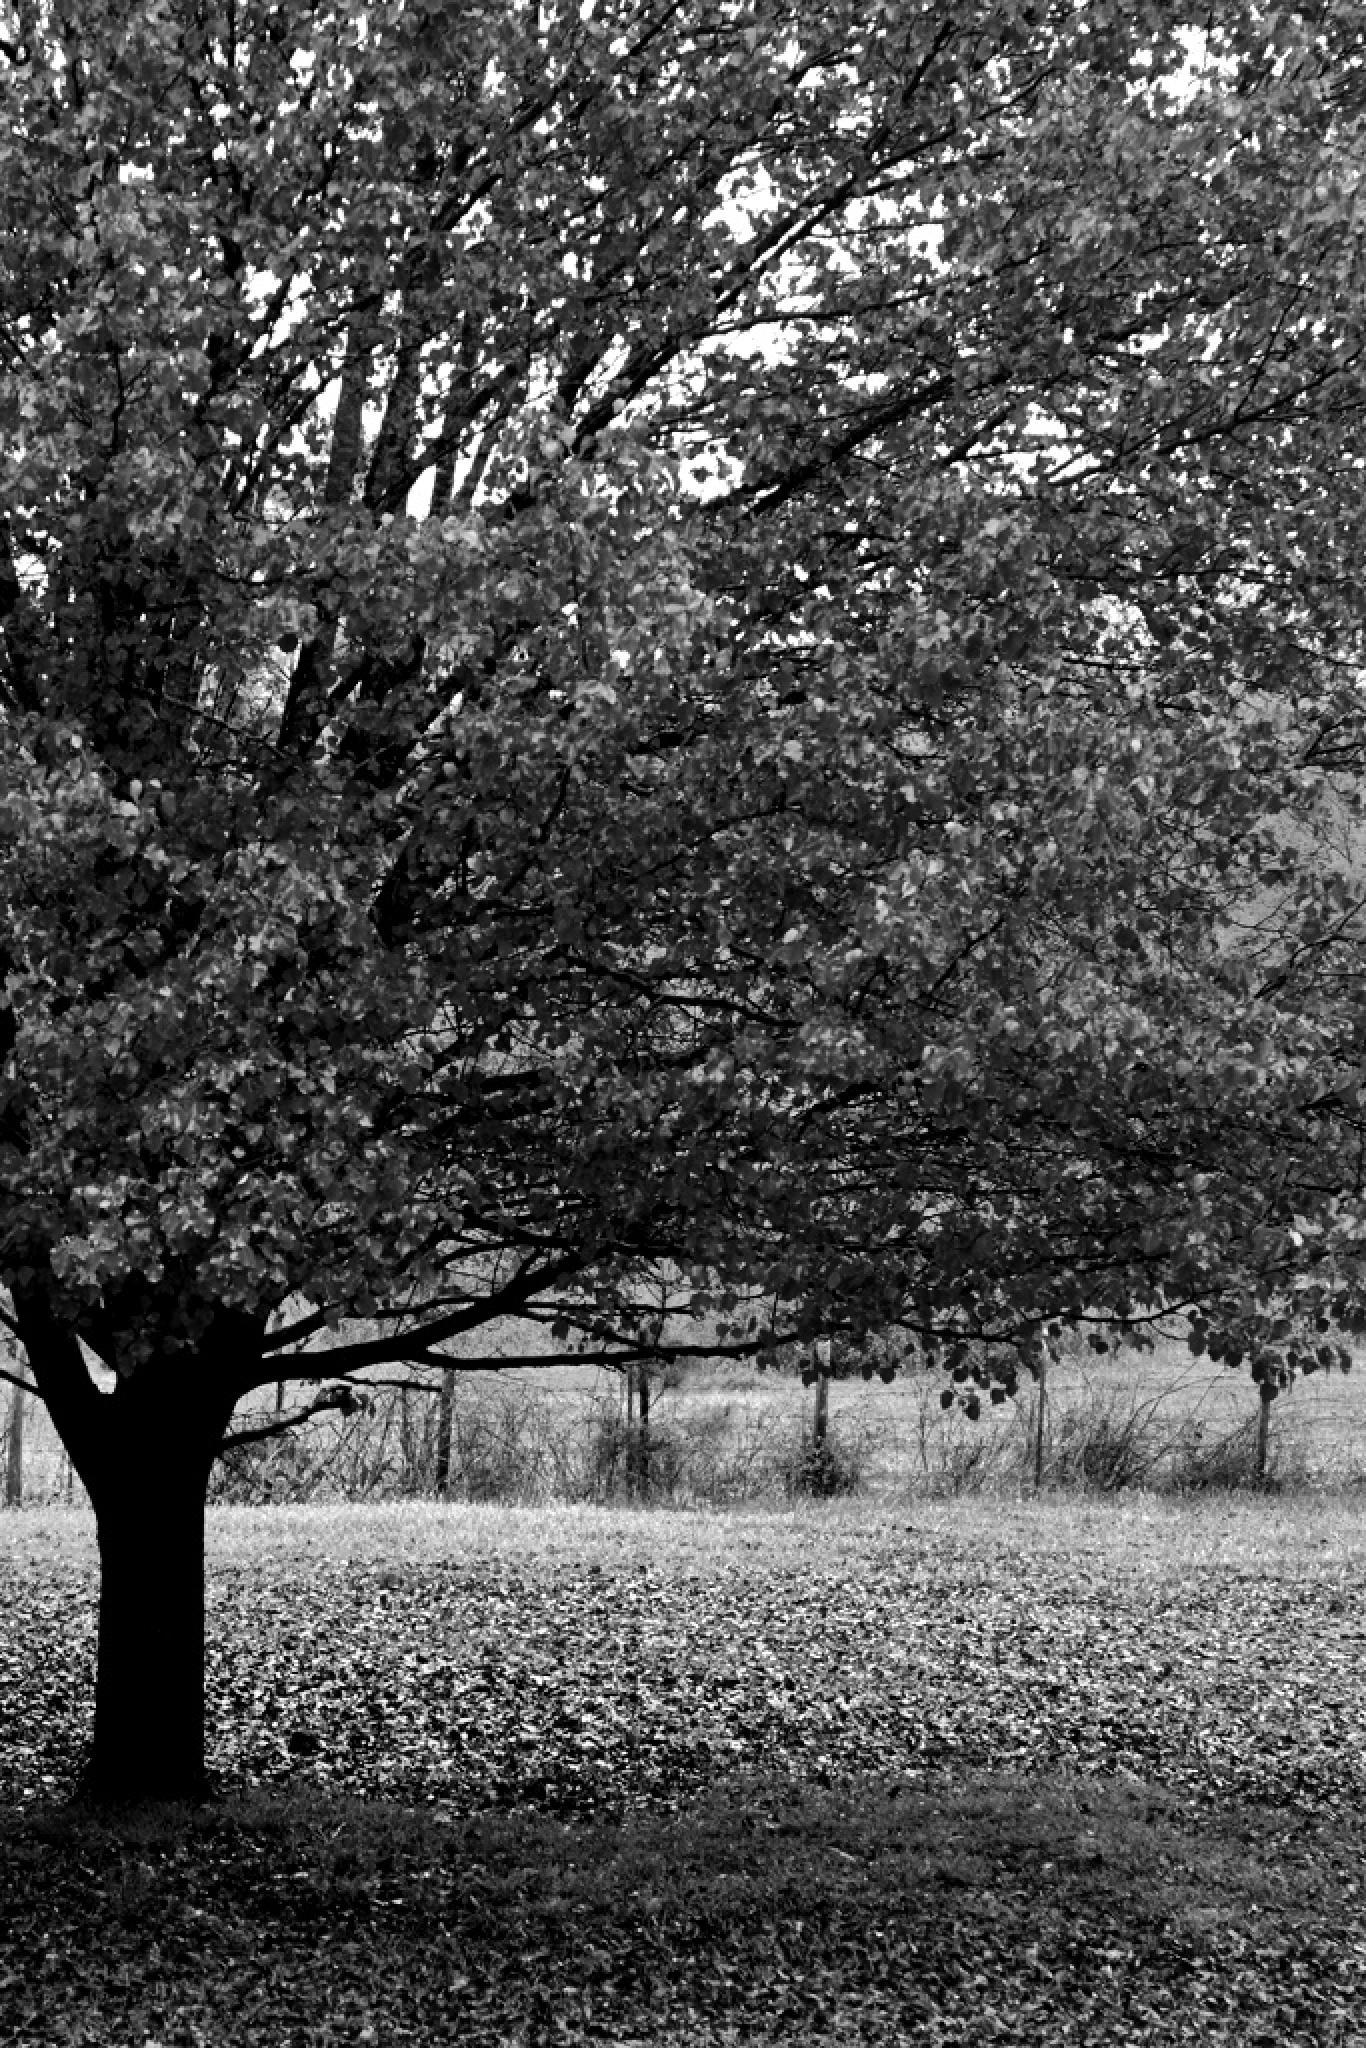 Side tree by Sandy Beasley Seymore